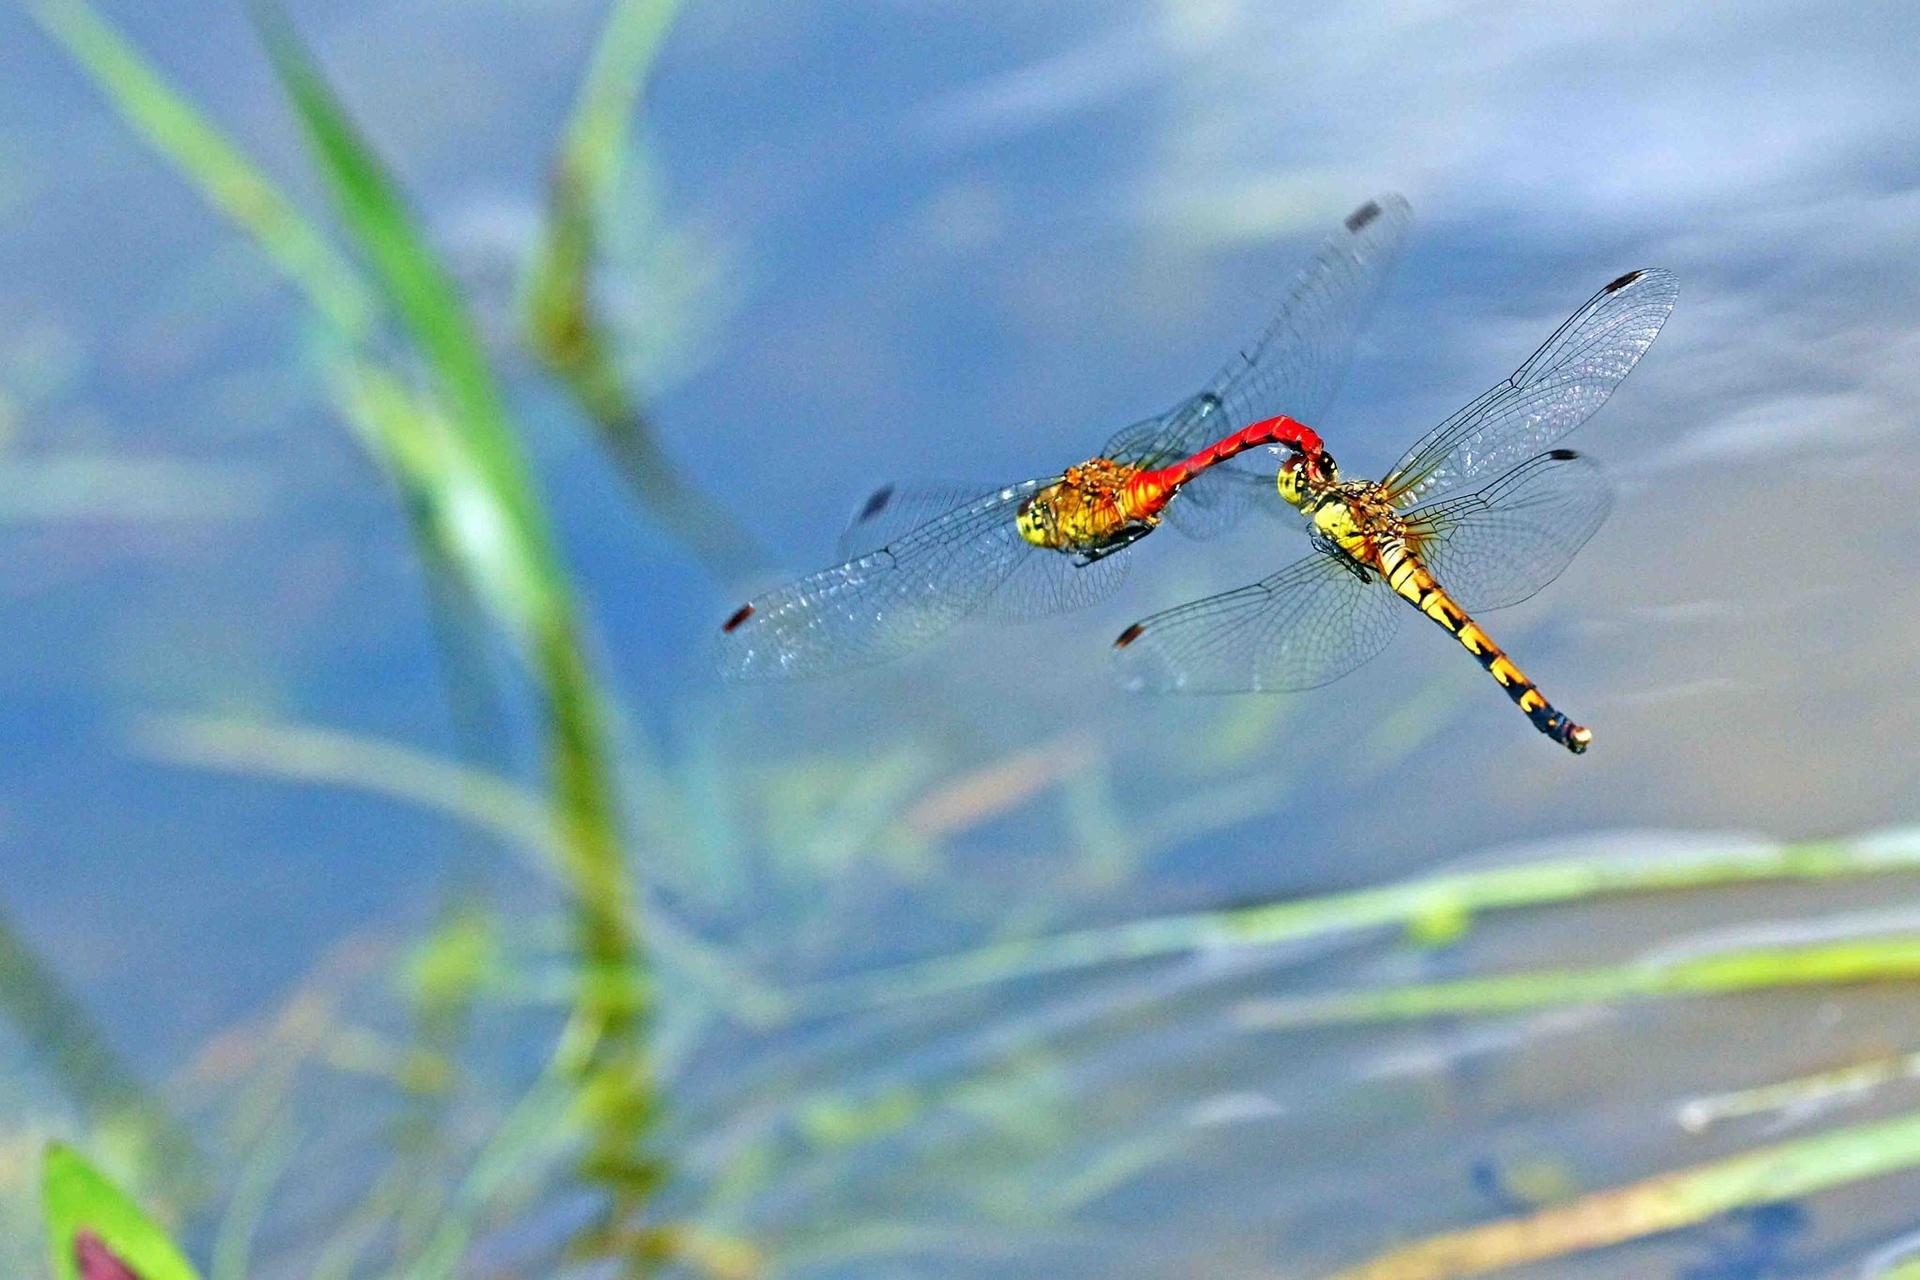 【華人探險家專欄 ─ 徐仁修】當蜻蜓勾搭、豆娘集體結婚